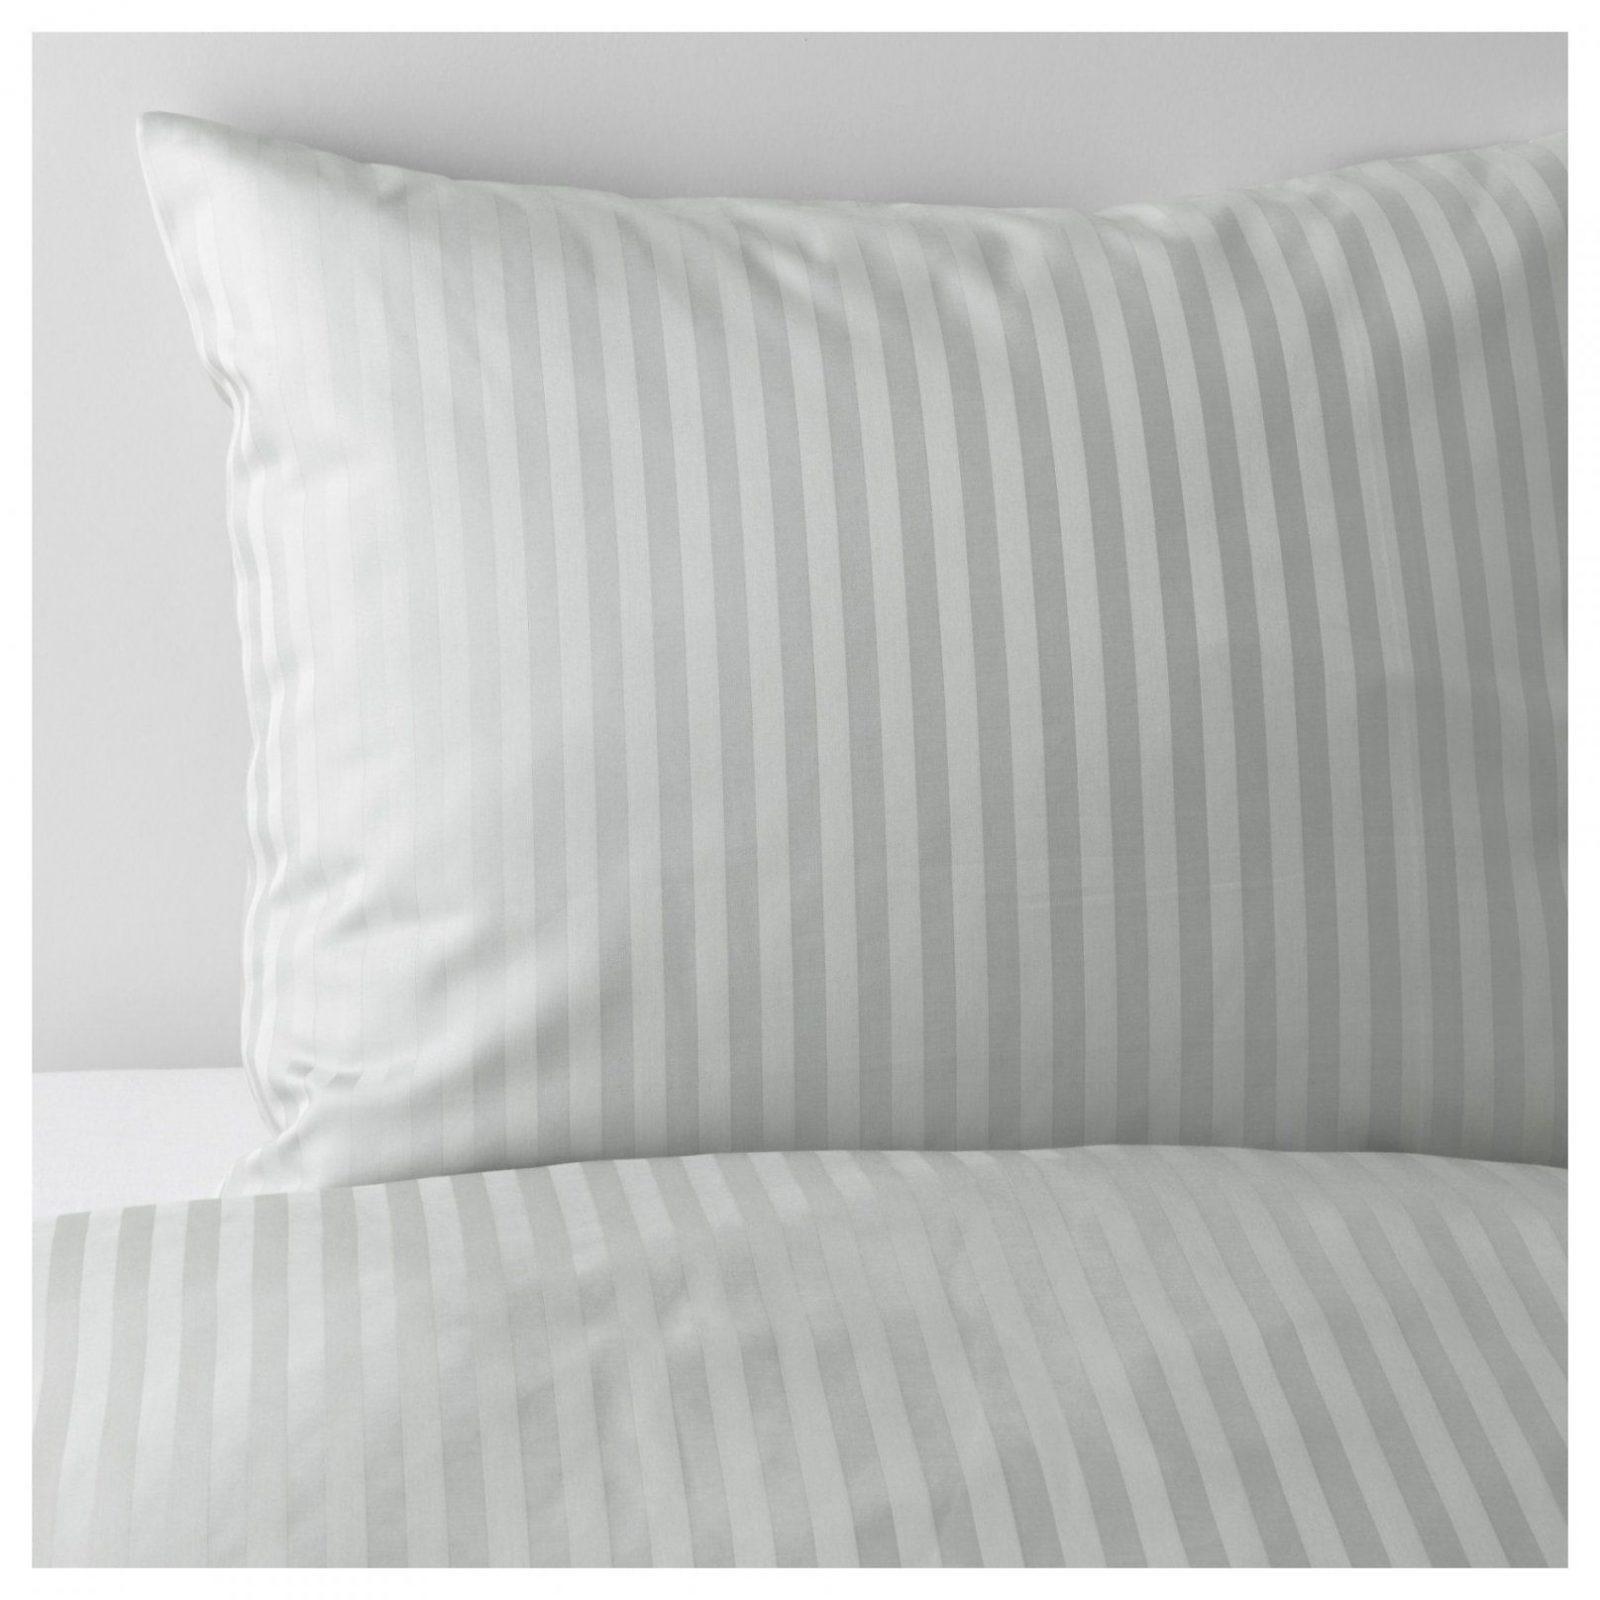 Ikea Weisse Bettwasche Leinen Bettwasche Ikea Luxus Bettwasche Fur